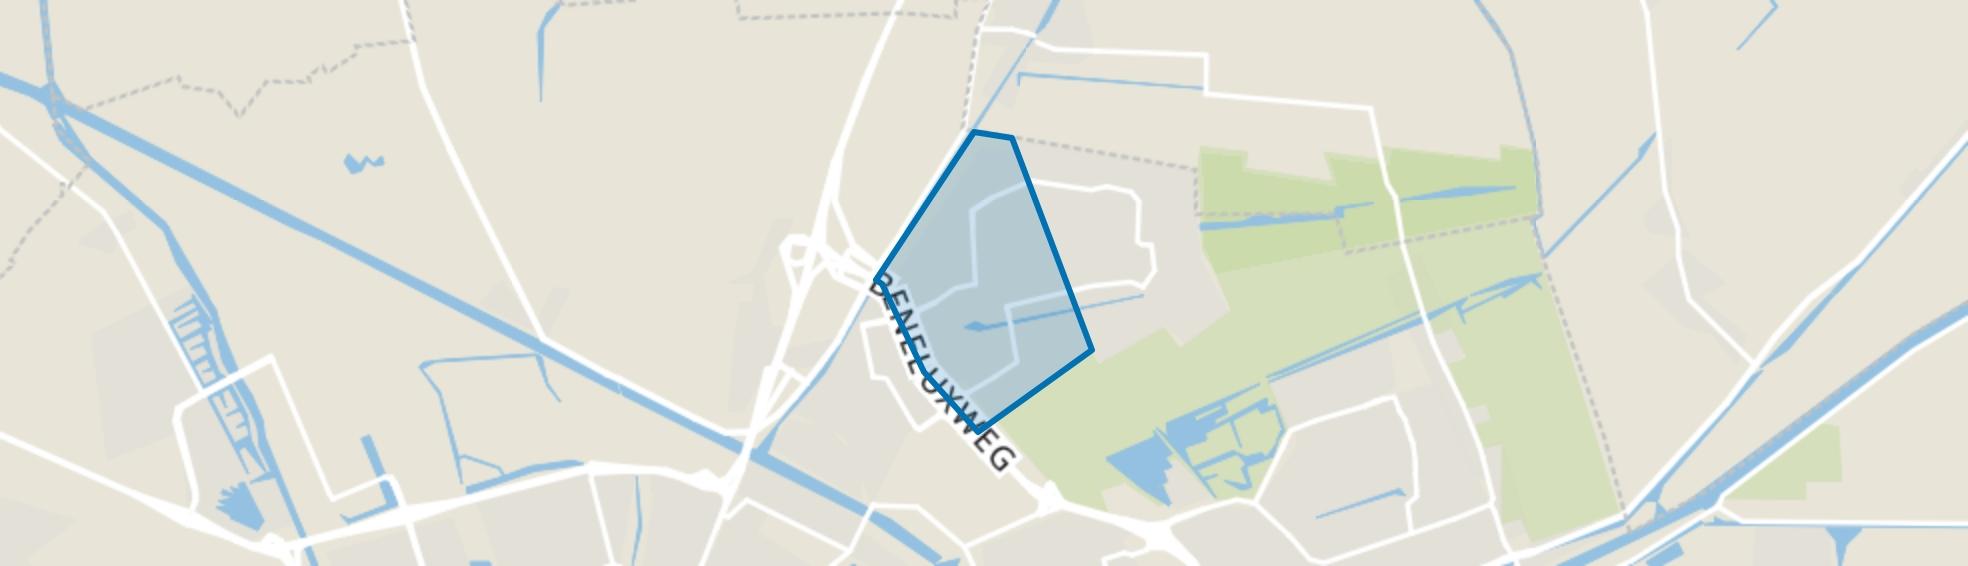 Beijum-West, Groningen map